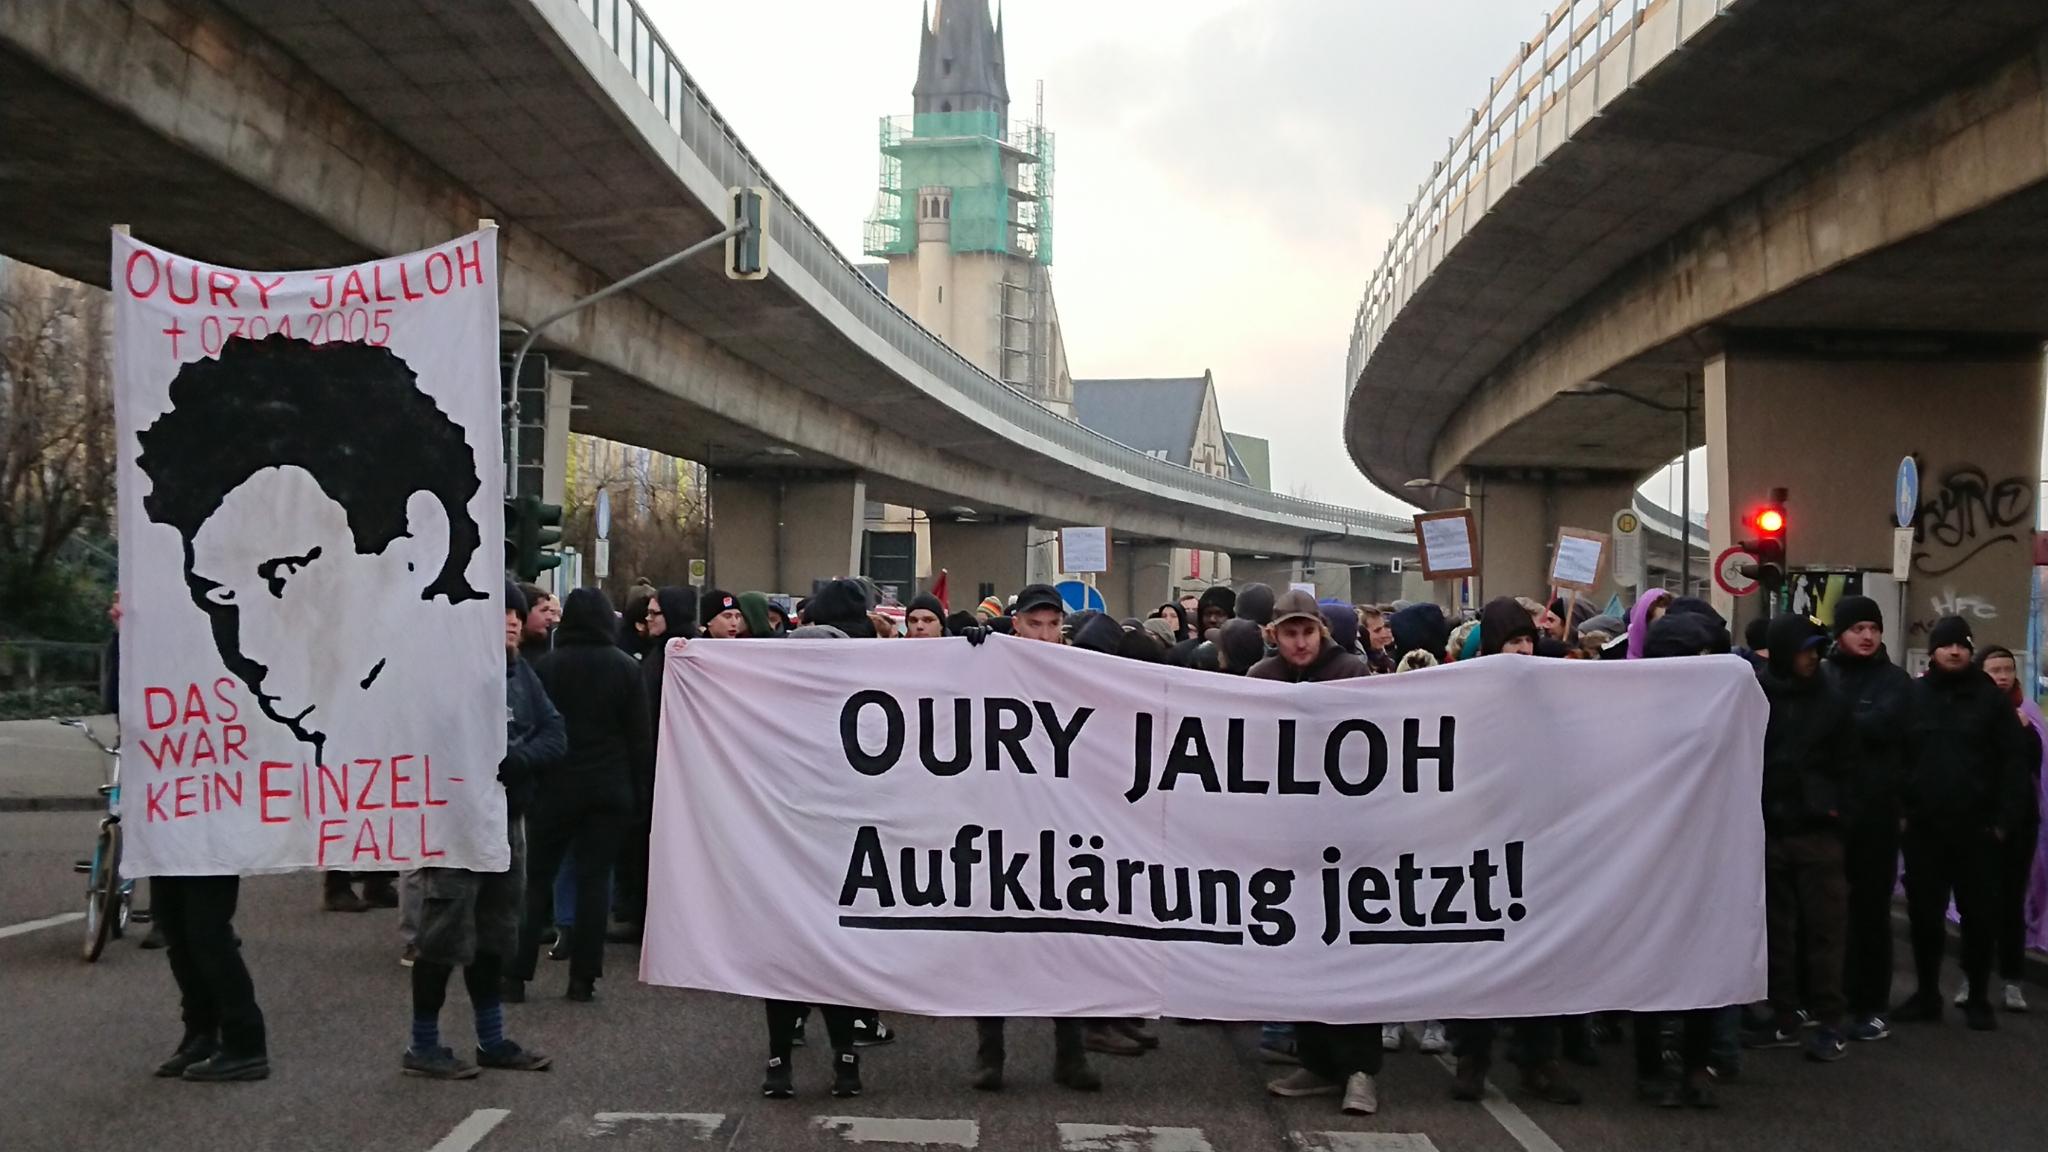 Tod von Oury Jalloh: Generalstaatsanwalt übernimmt – Du bist Halle